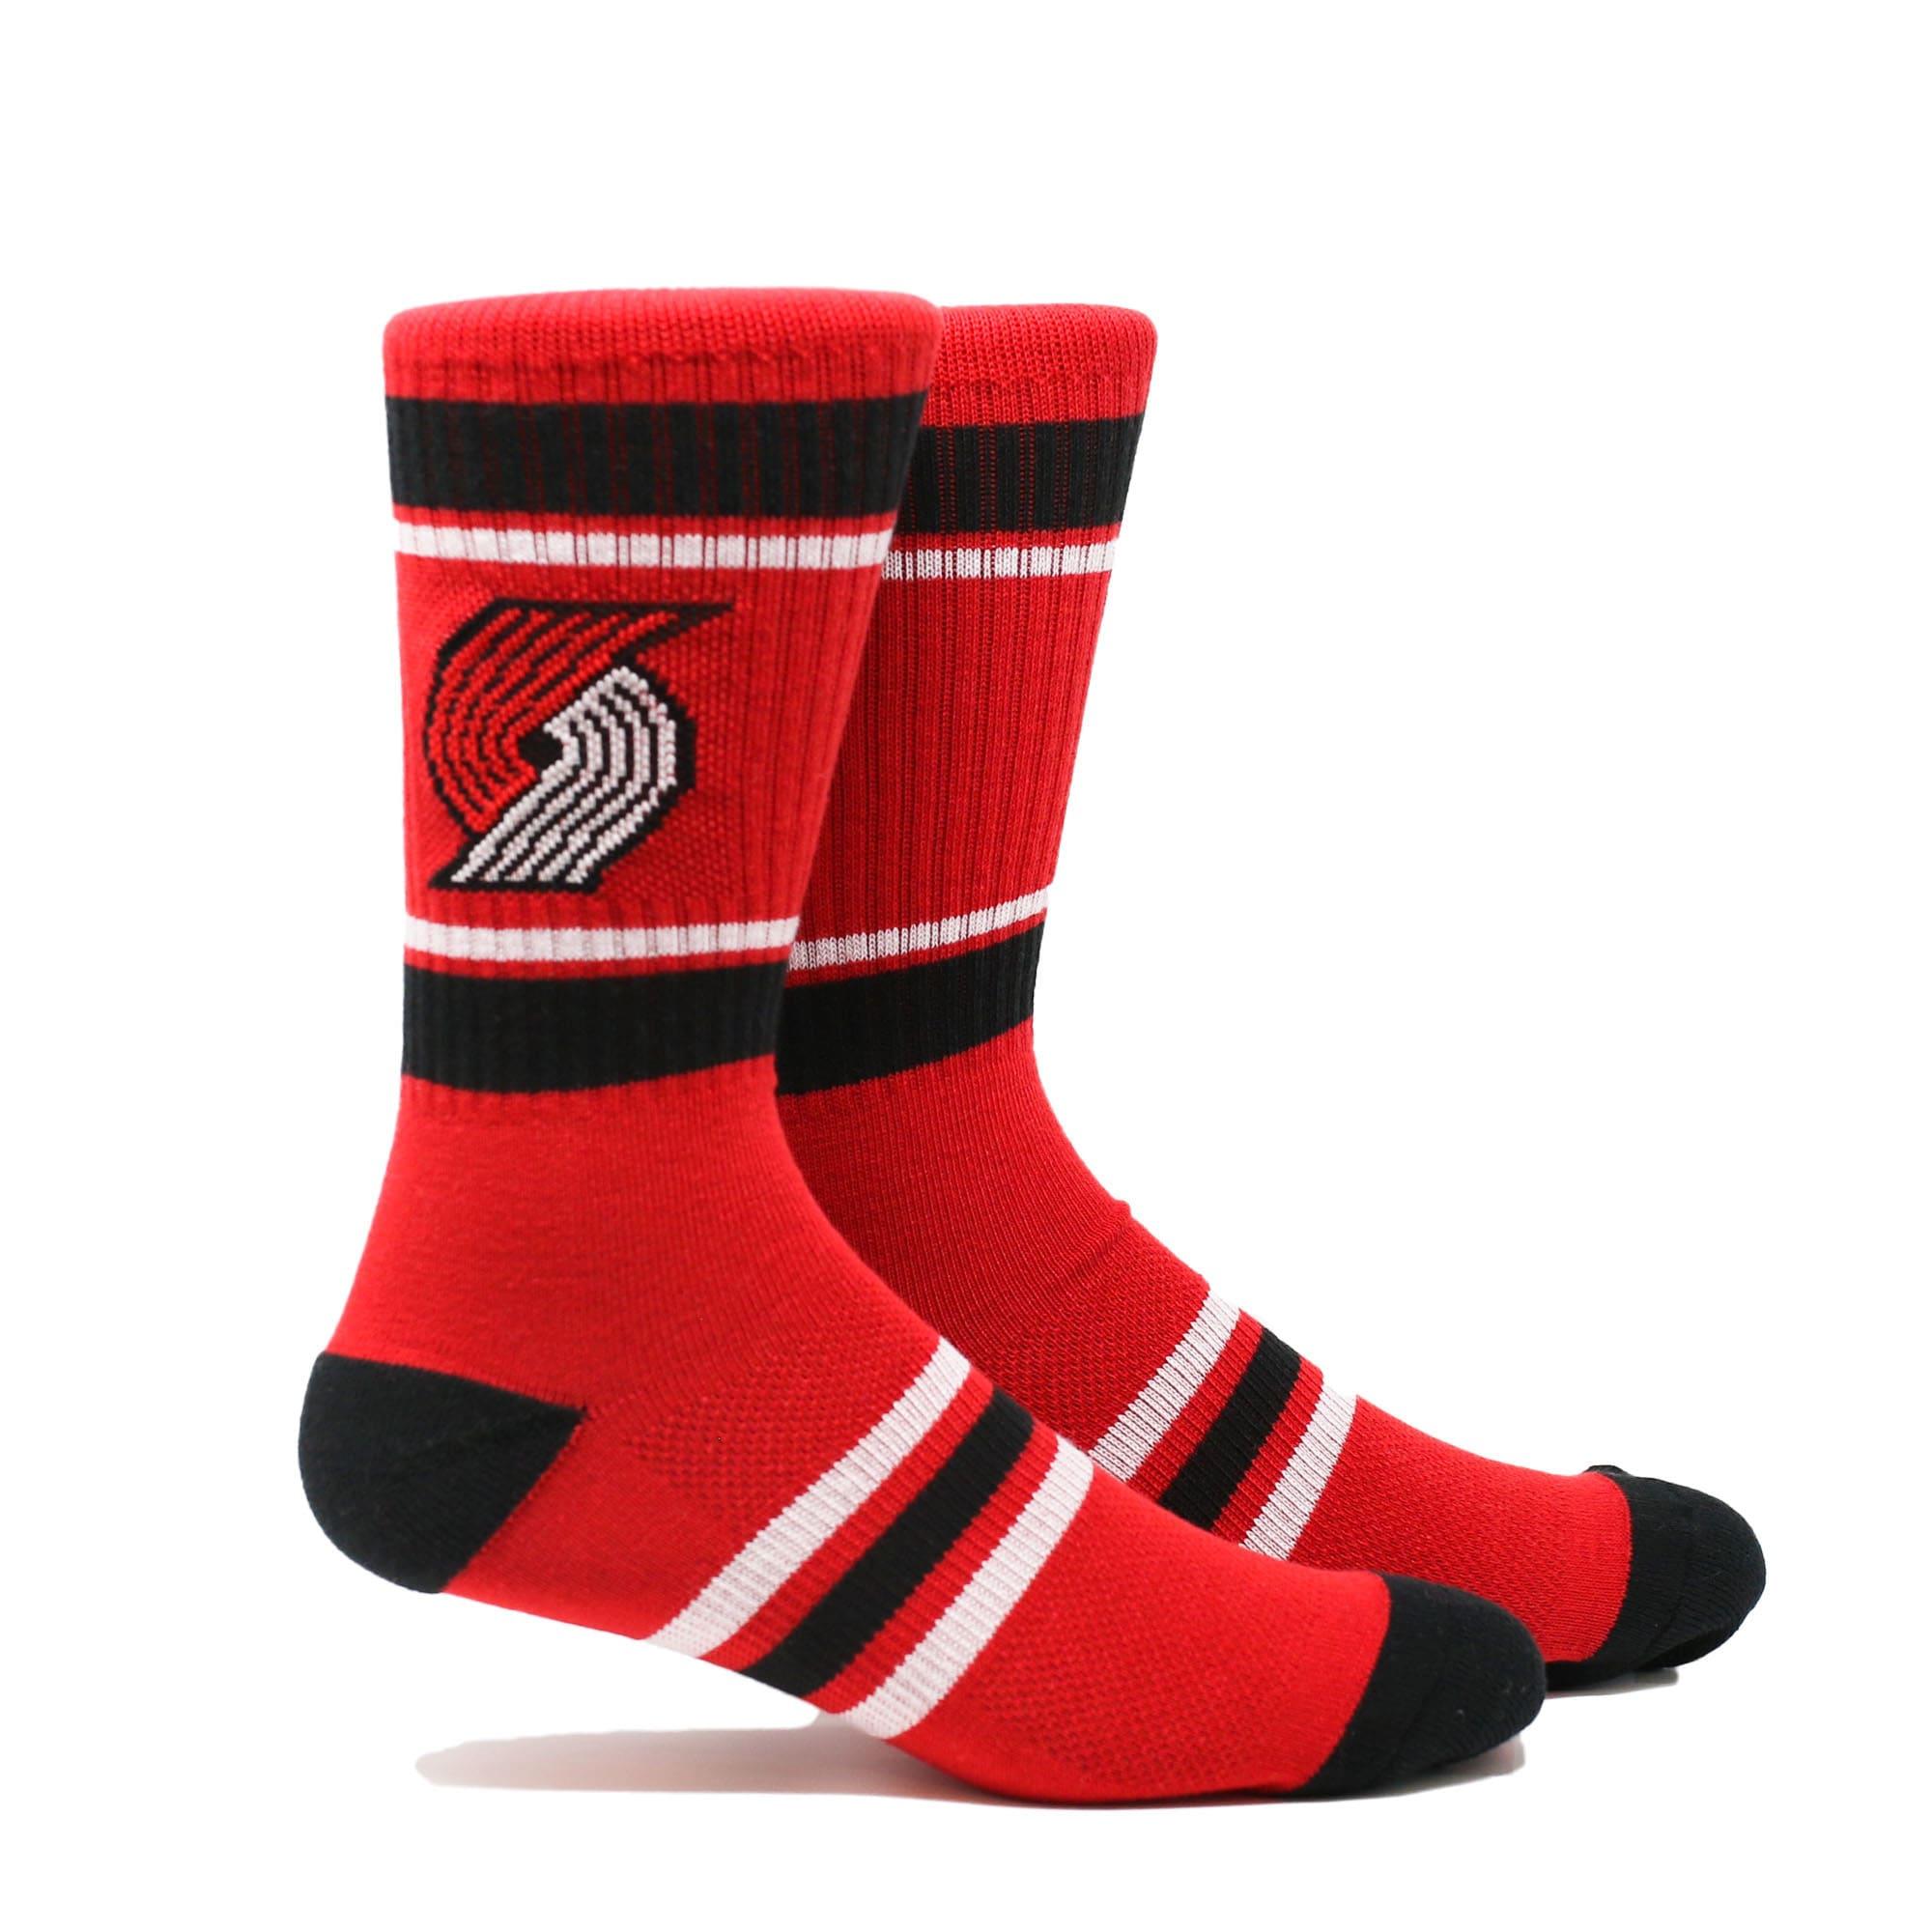 Portland Trail Blazers Stripe Crew Socks - Red